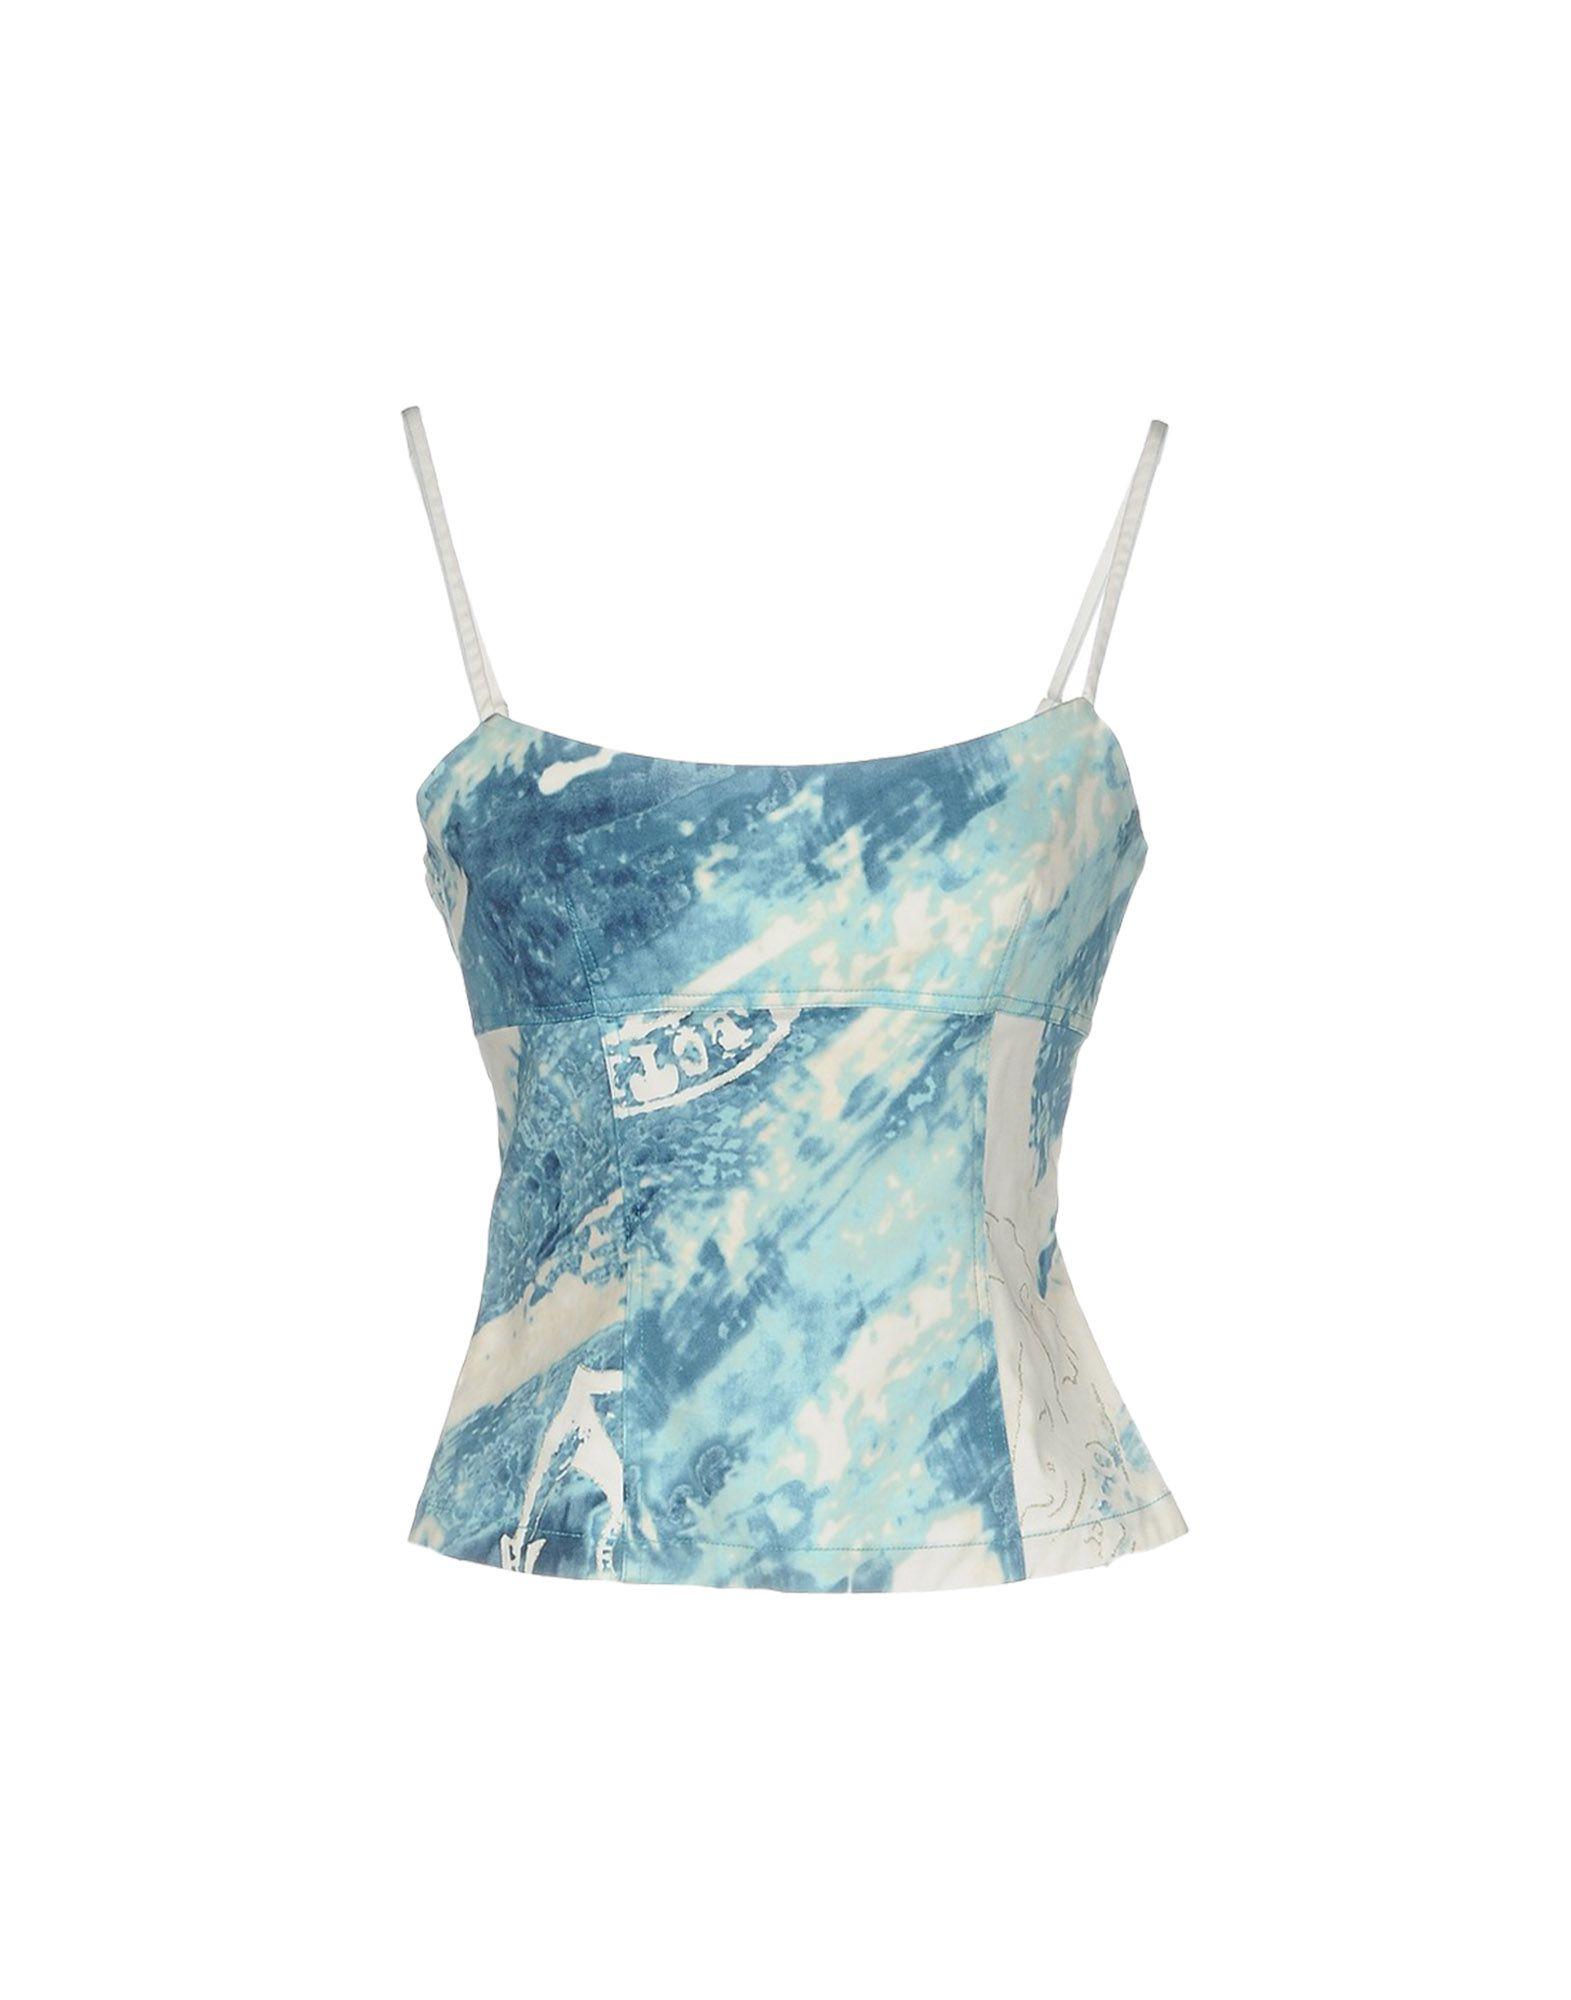 BLU BYBLOS Топ без рукавов платье для девочки bj8673 разноцветный byblos